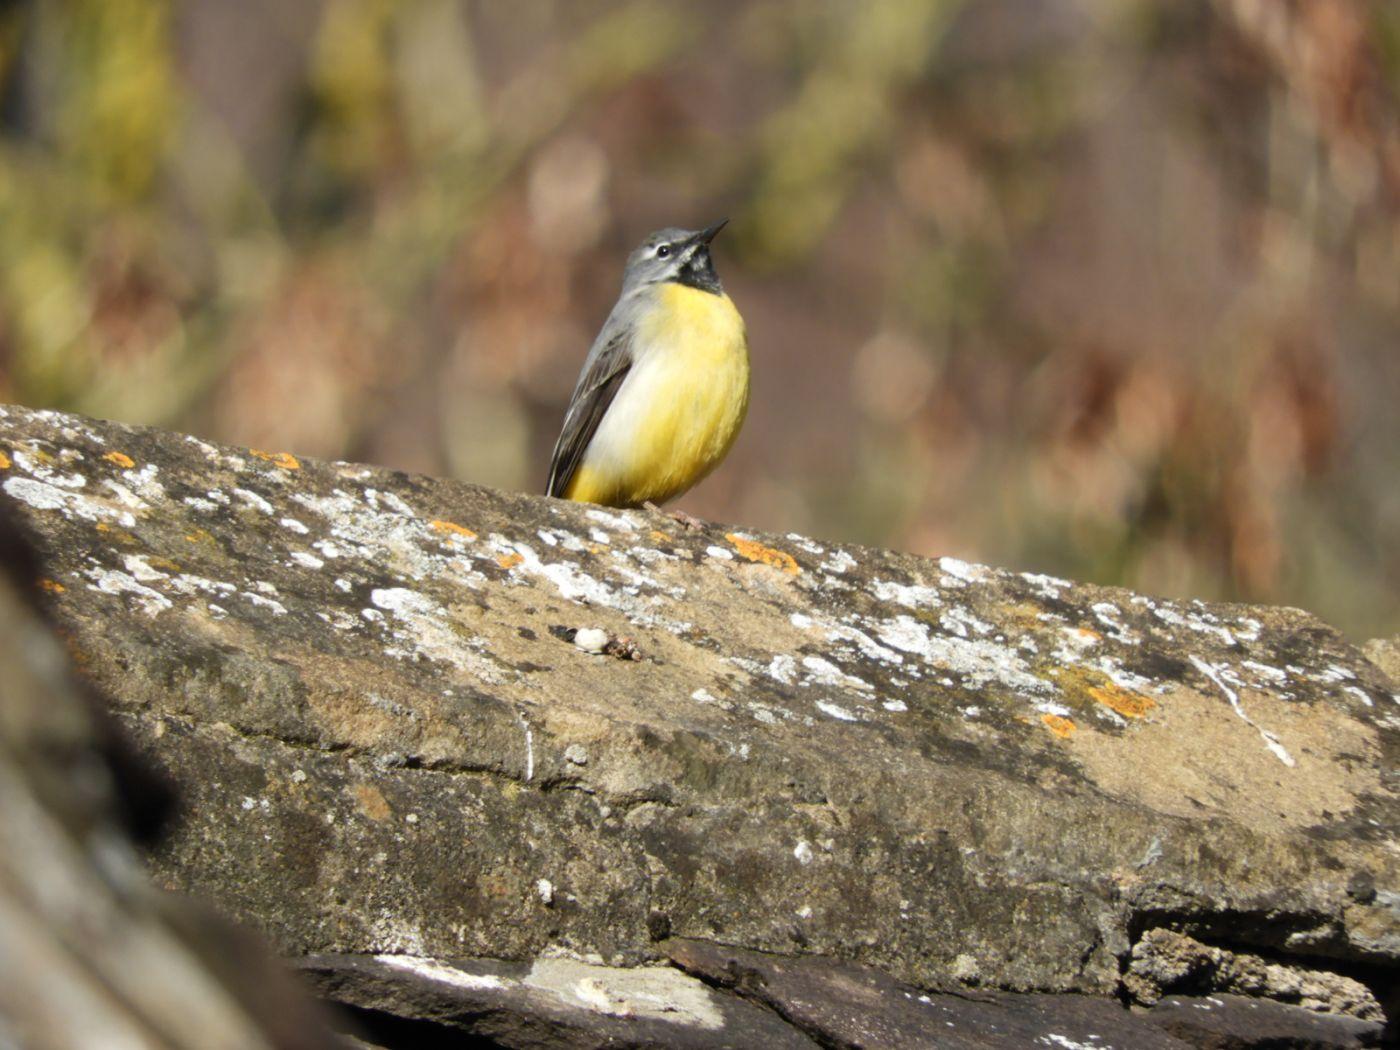 Close up of bird